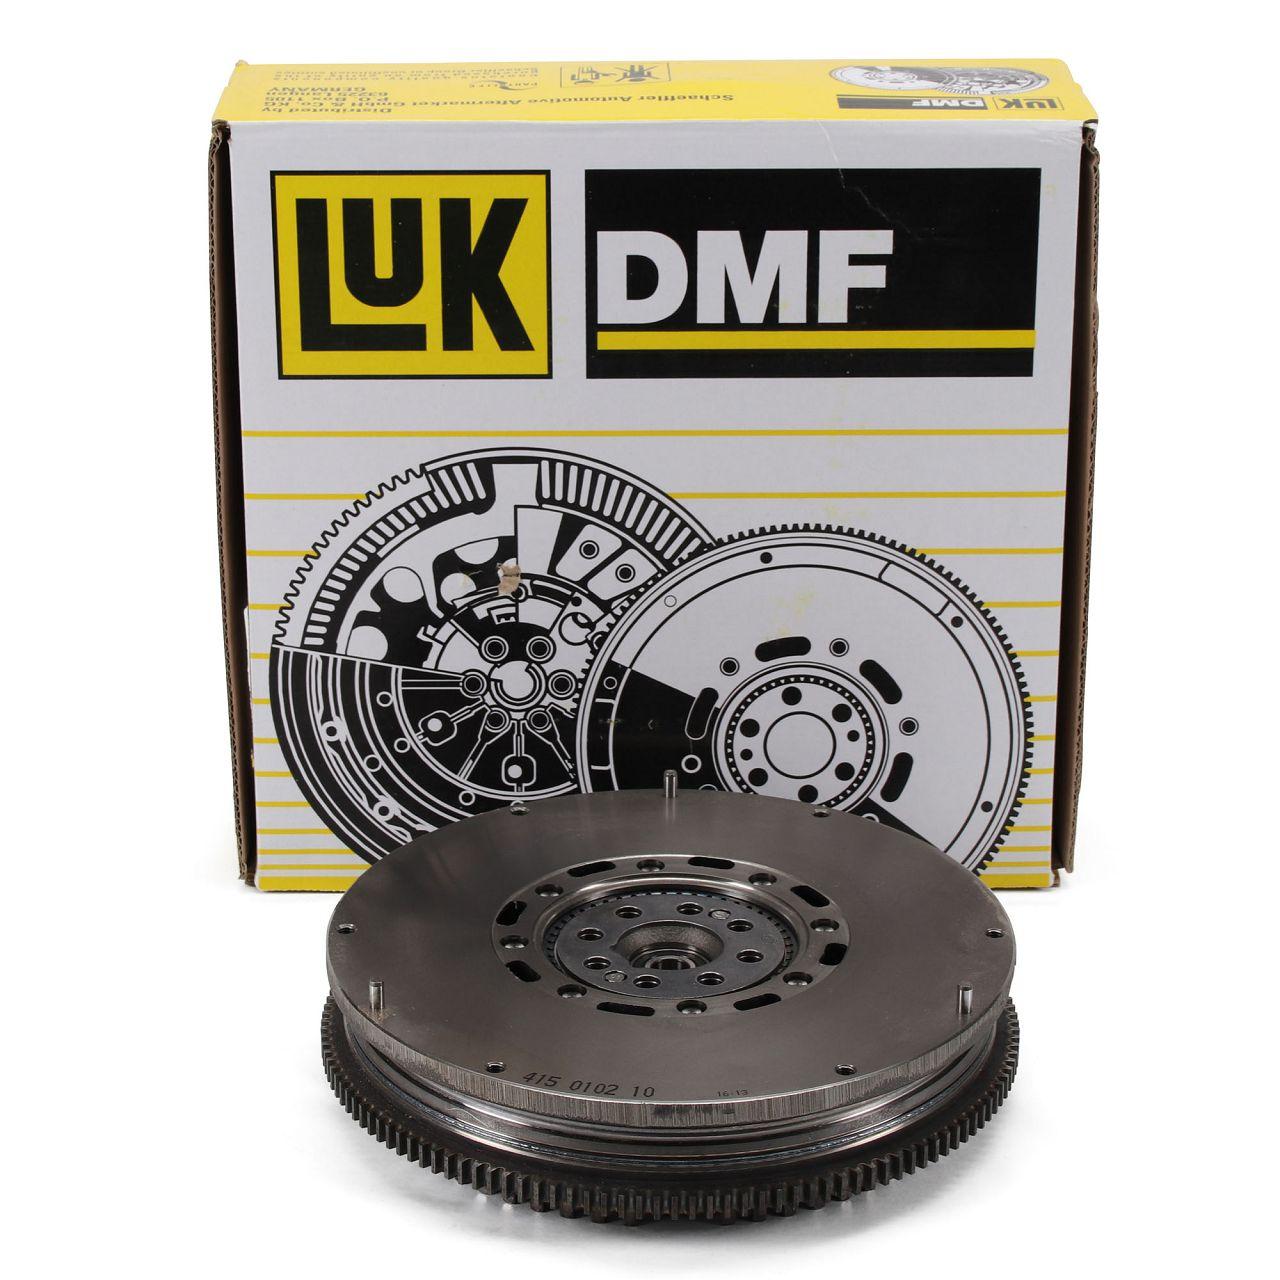 LUK 415010210 Schwungrad DMF ZMS für PORSCHE 911 (996 997) 3.4 / 3.6 Carrera